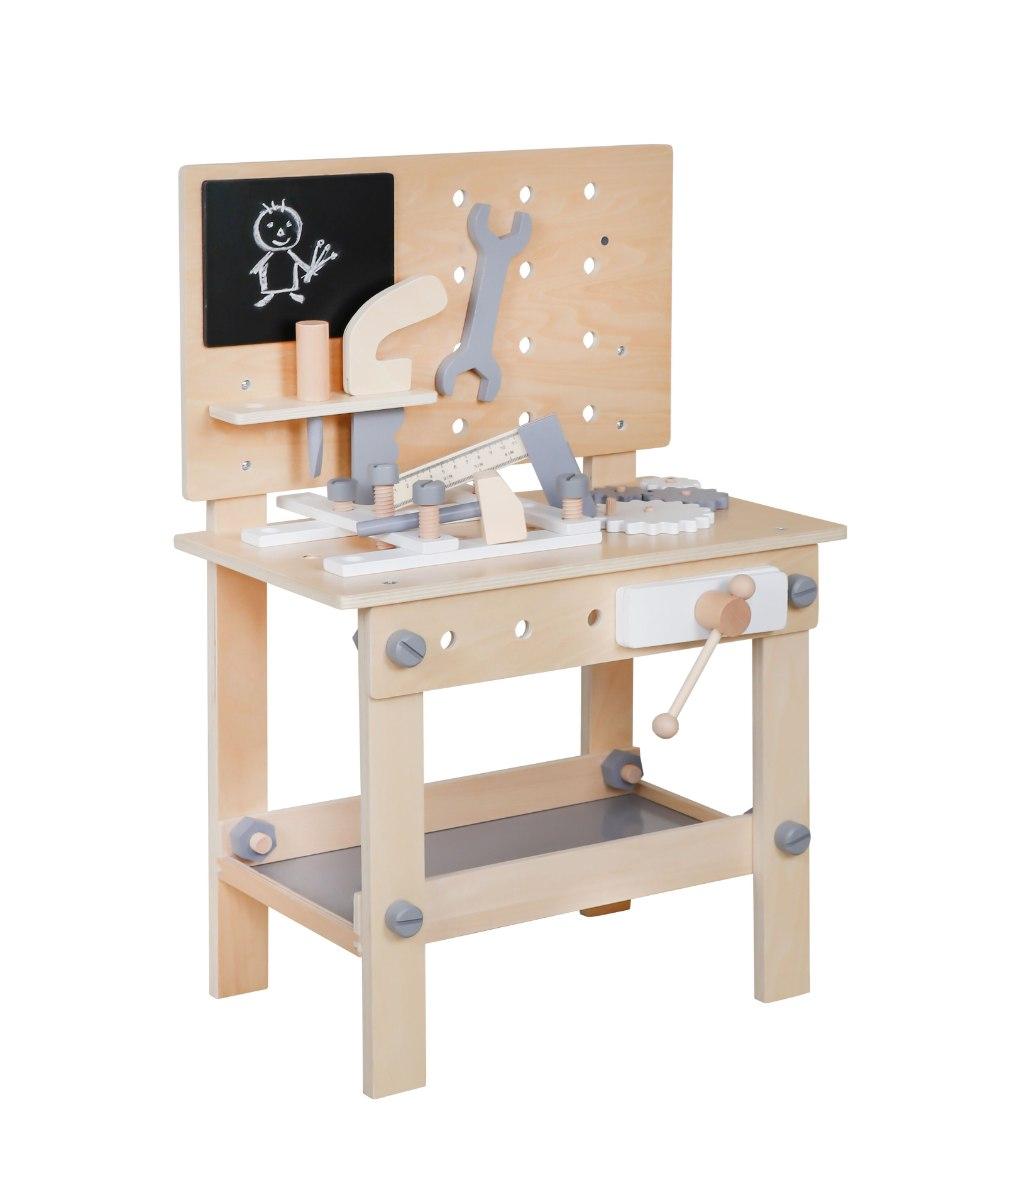 שולחן כלי עבודה מעץ לילדים